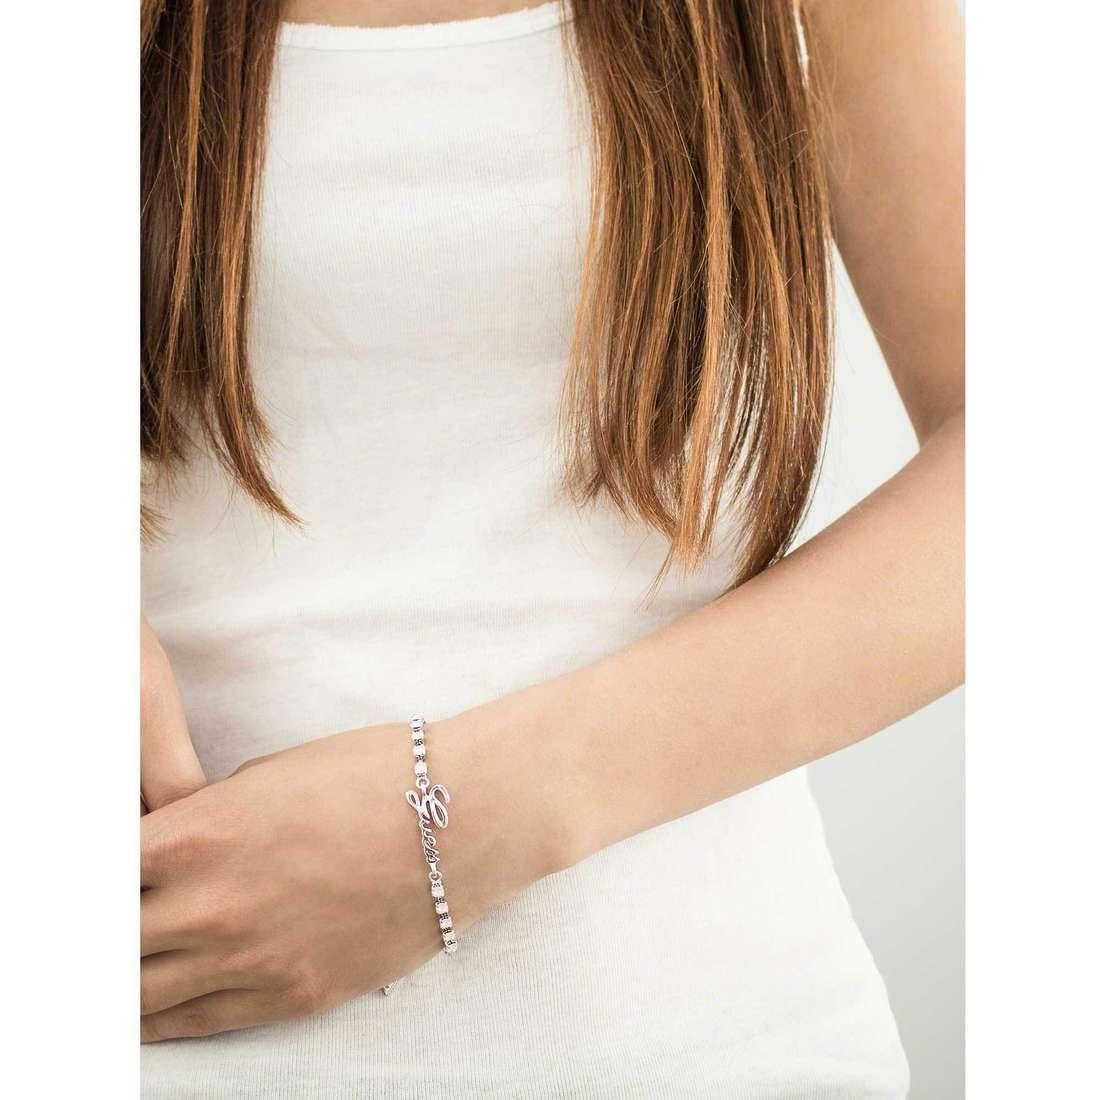 Guess bracciali donna UBB61086-S indosso